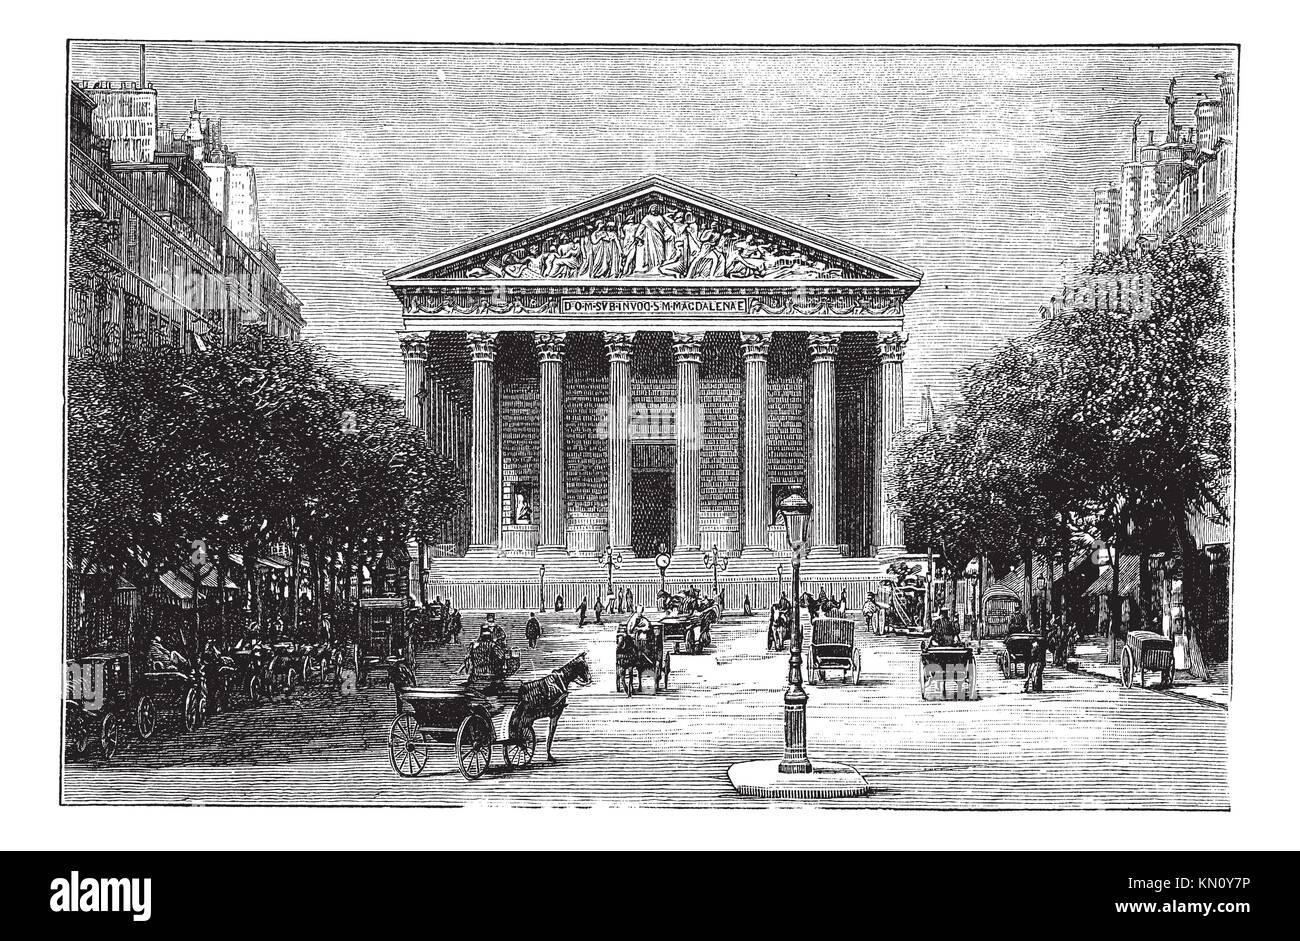 La Iglesia de la Madeleine y la Rue Royale, en París, Francia, durante la década de 1890, vintage grabado antiguo ilustración grabada de la Iglesia de la Madeleine y la Rue Royale Foto de stock